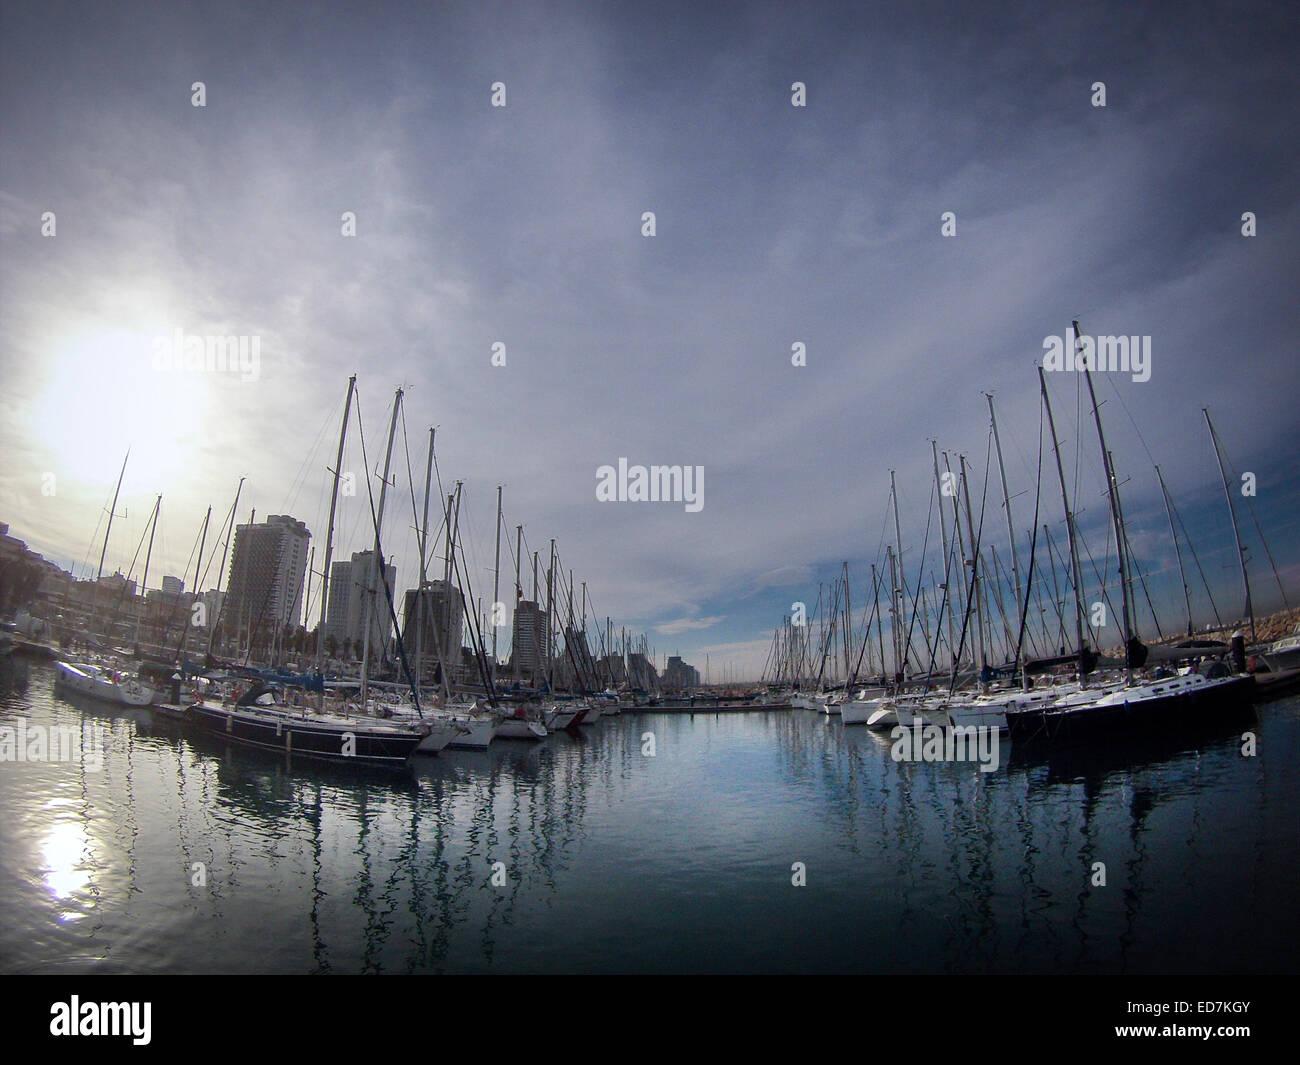 El puerto deportivo de Tel Aviv, Israel. Imagen De Stock